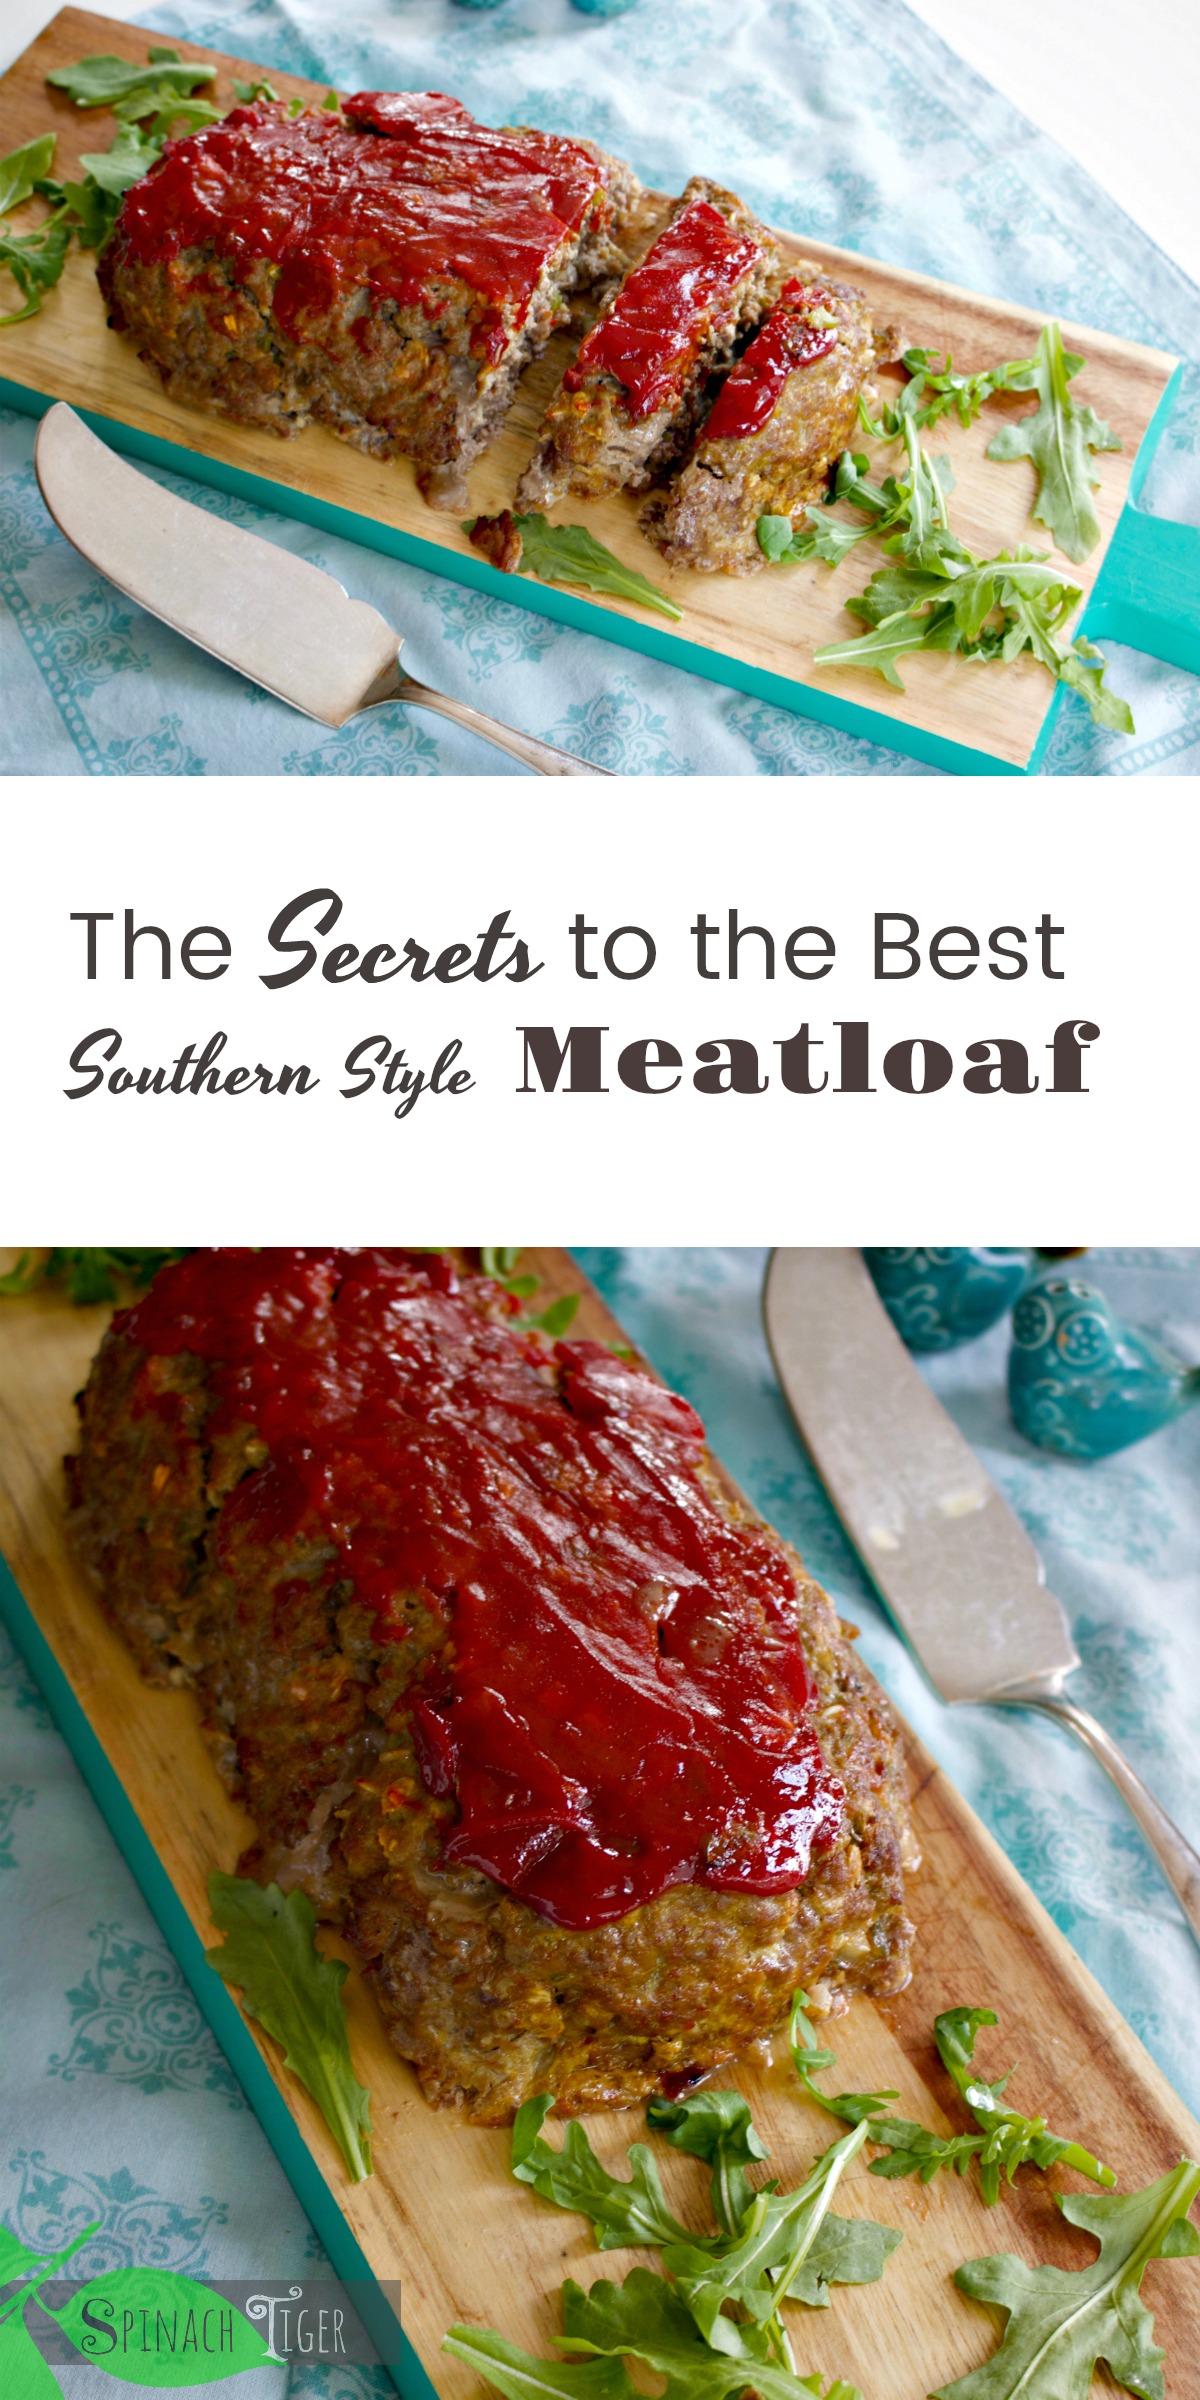 Best Southern Meatloaf